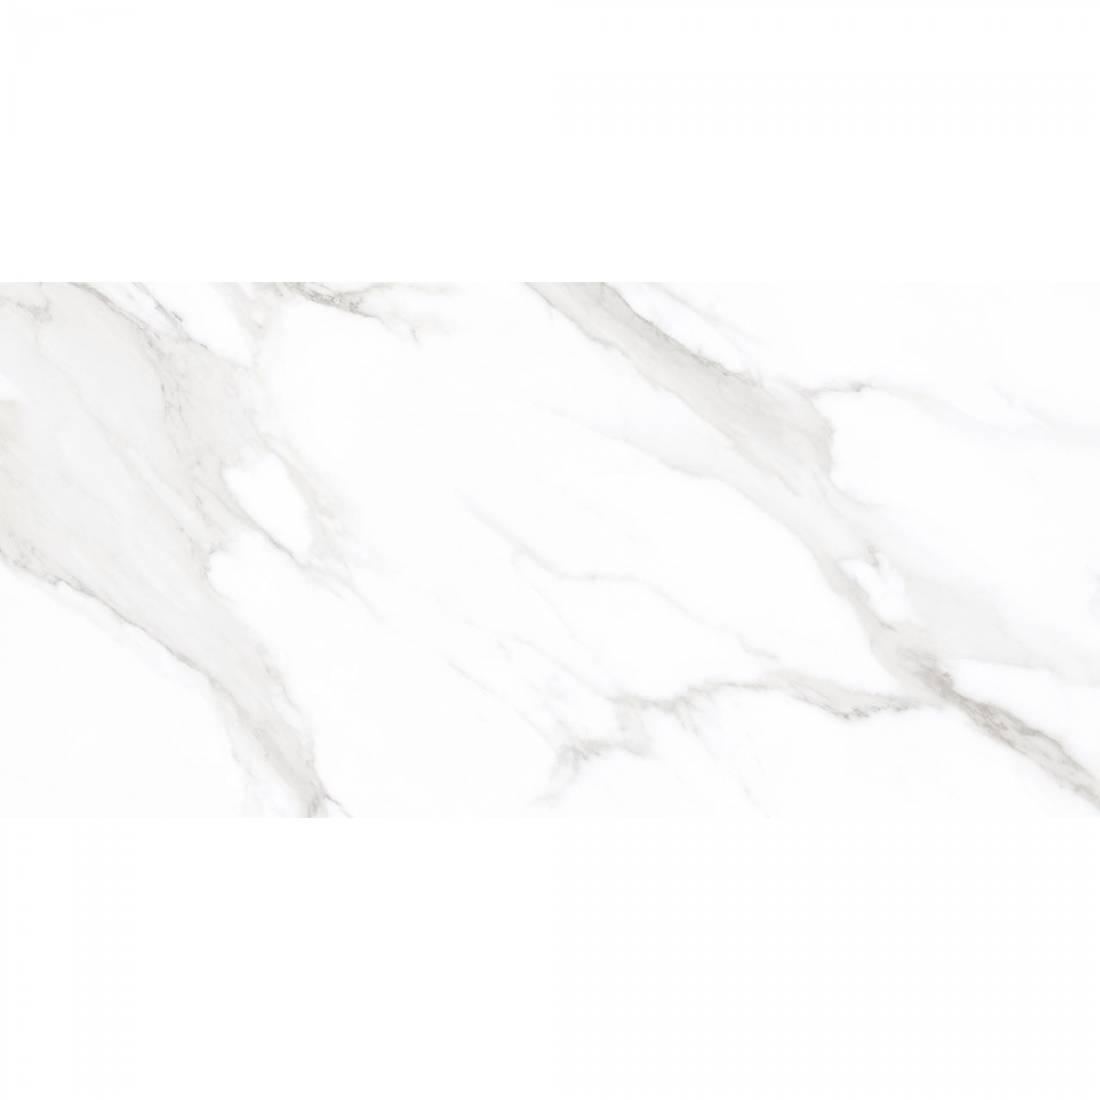 Statuario Mercury 30x60 White Gloss 1